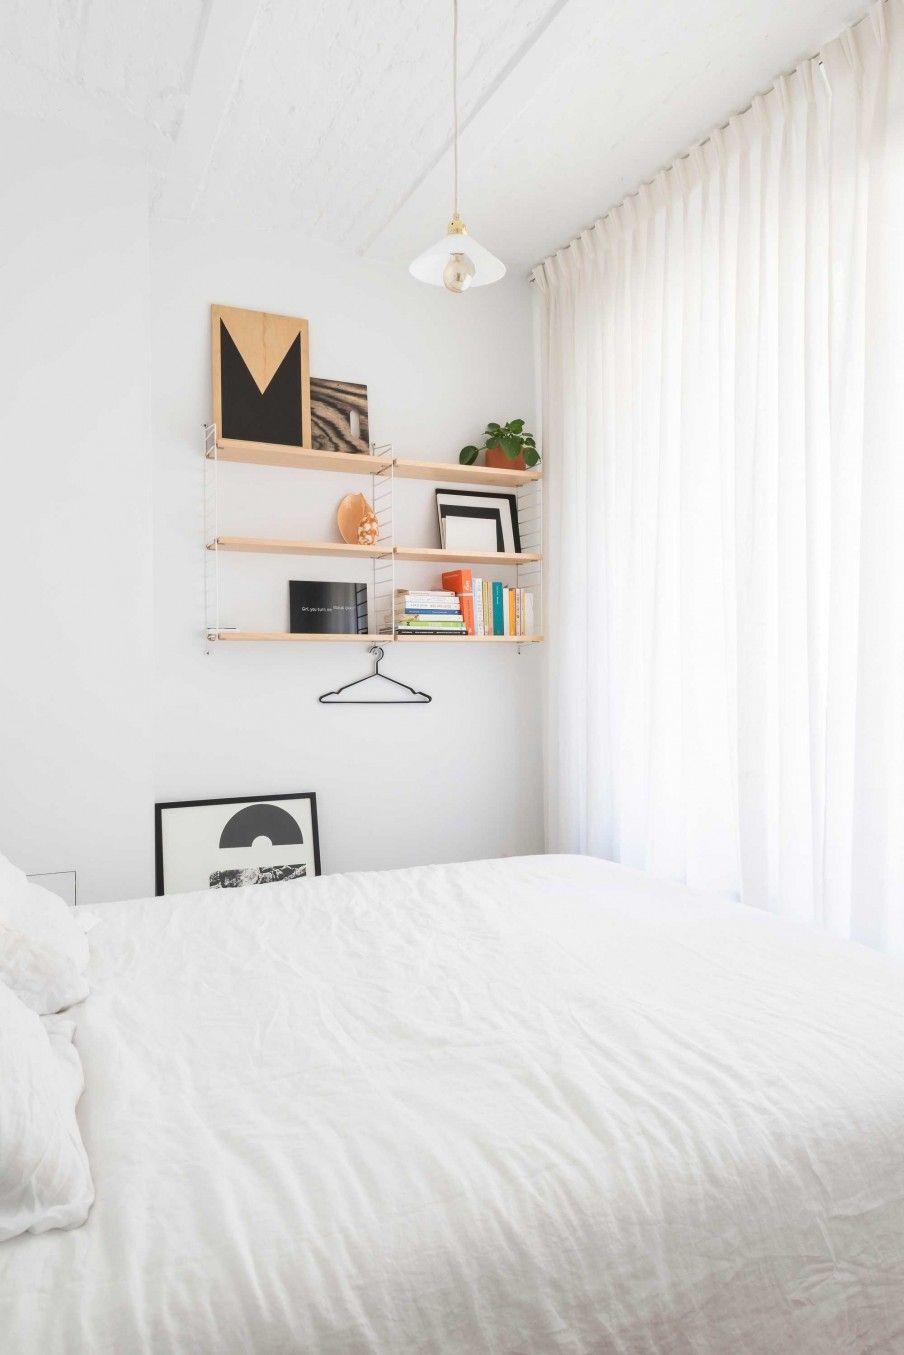 Witte slaapkamer | White bedroom | vtwonen België 12-2017 | Styling ...